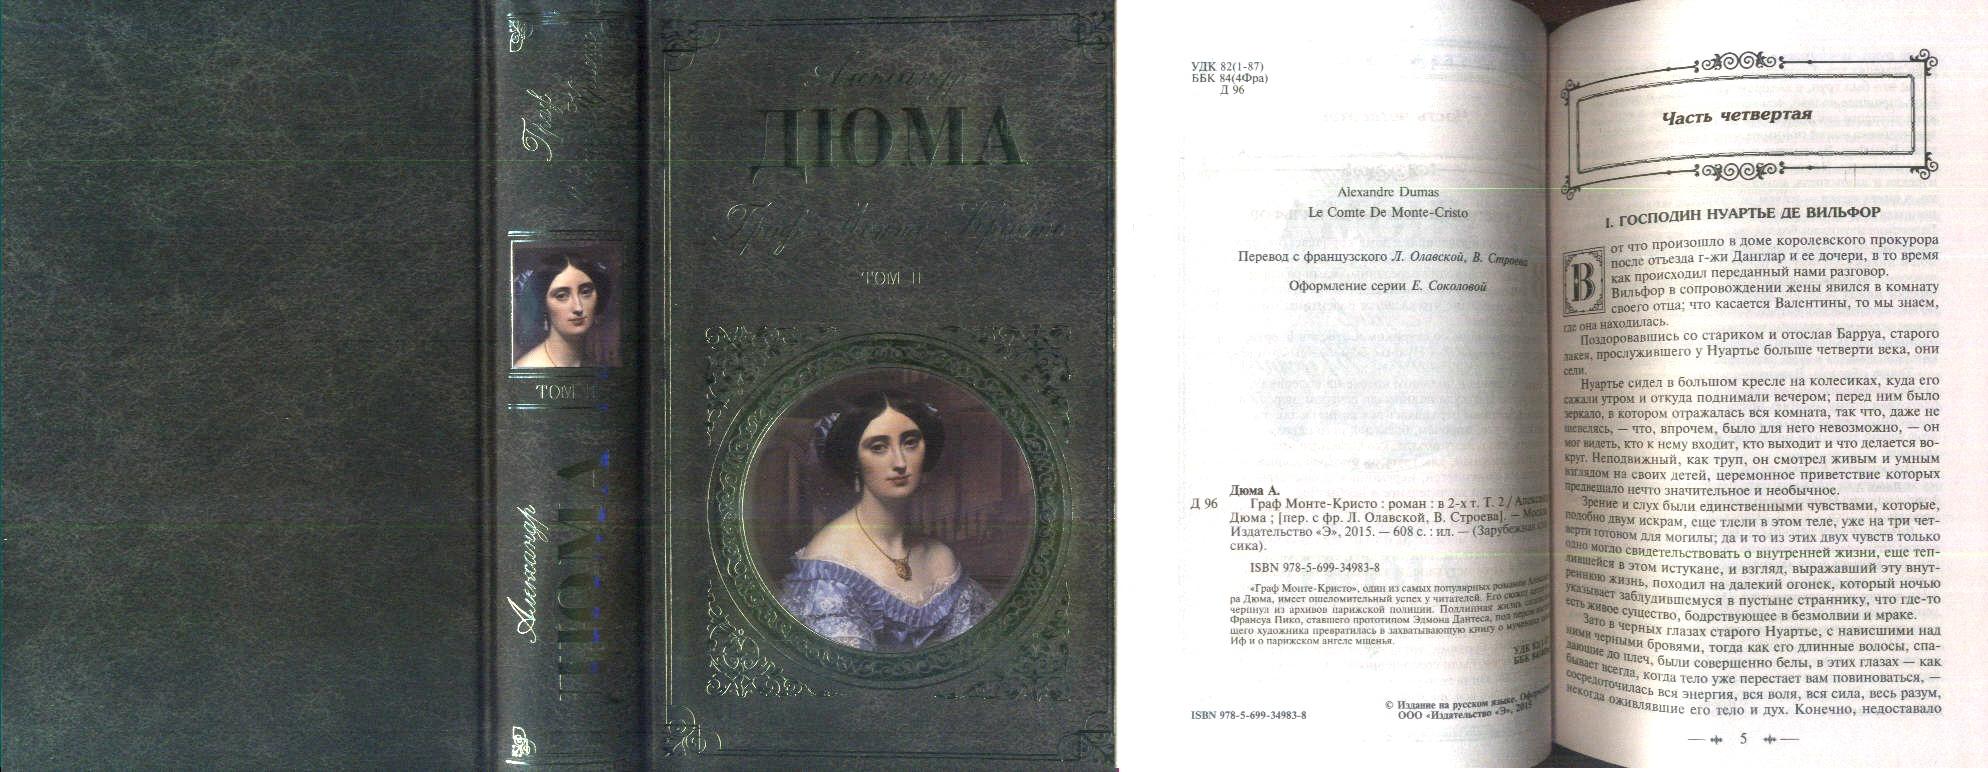 обложка книги граф монте кристо